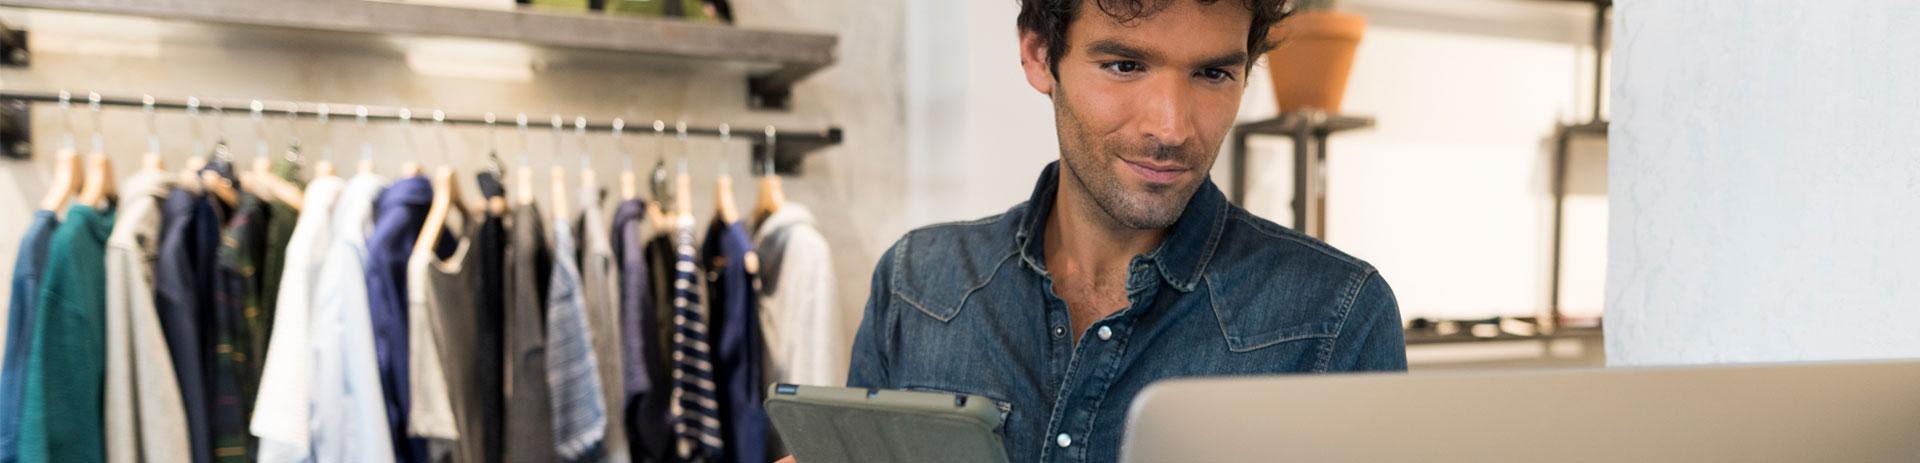 Verkäufer in Modegeschäft sieht auf Bildschirm